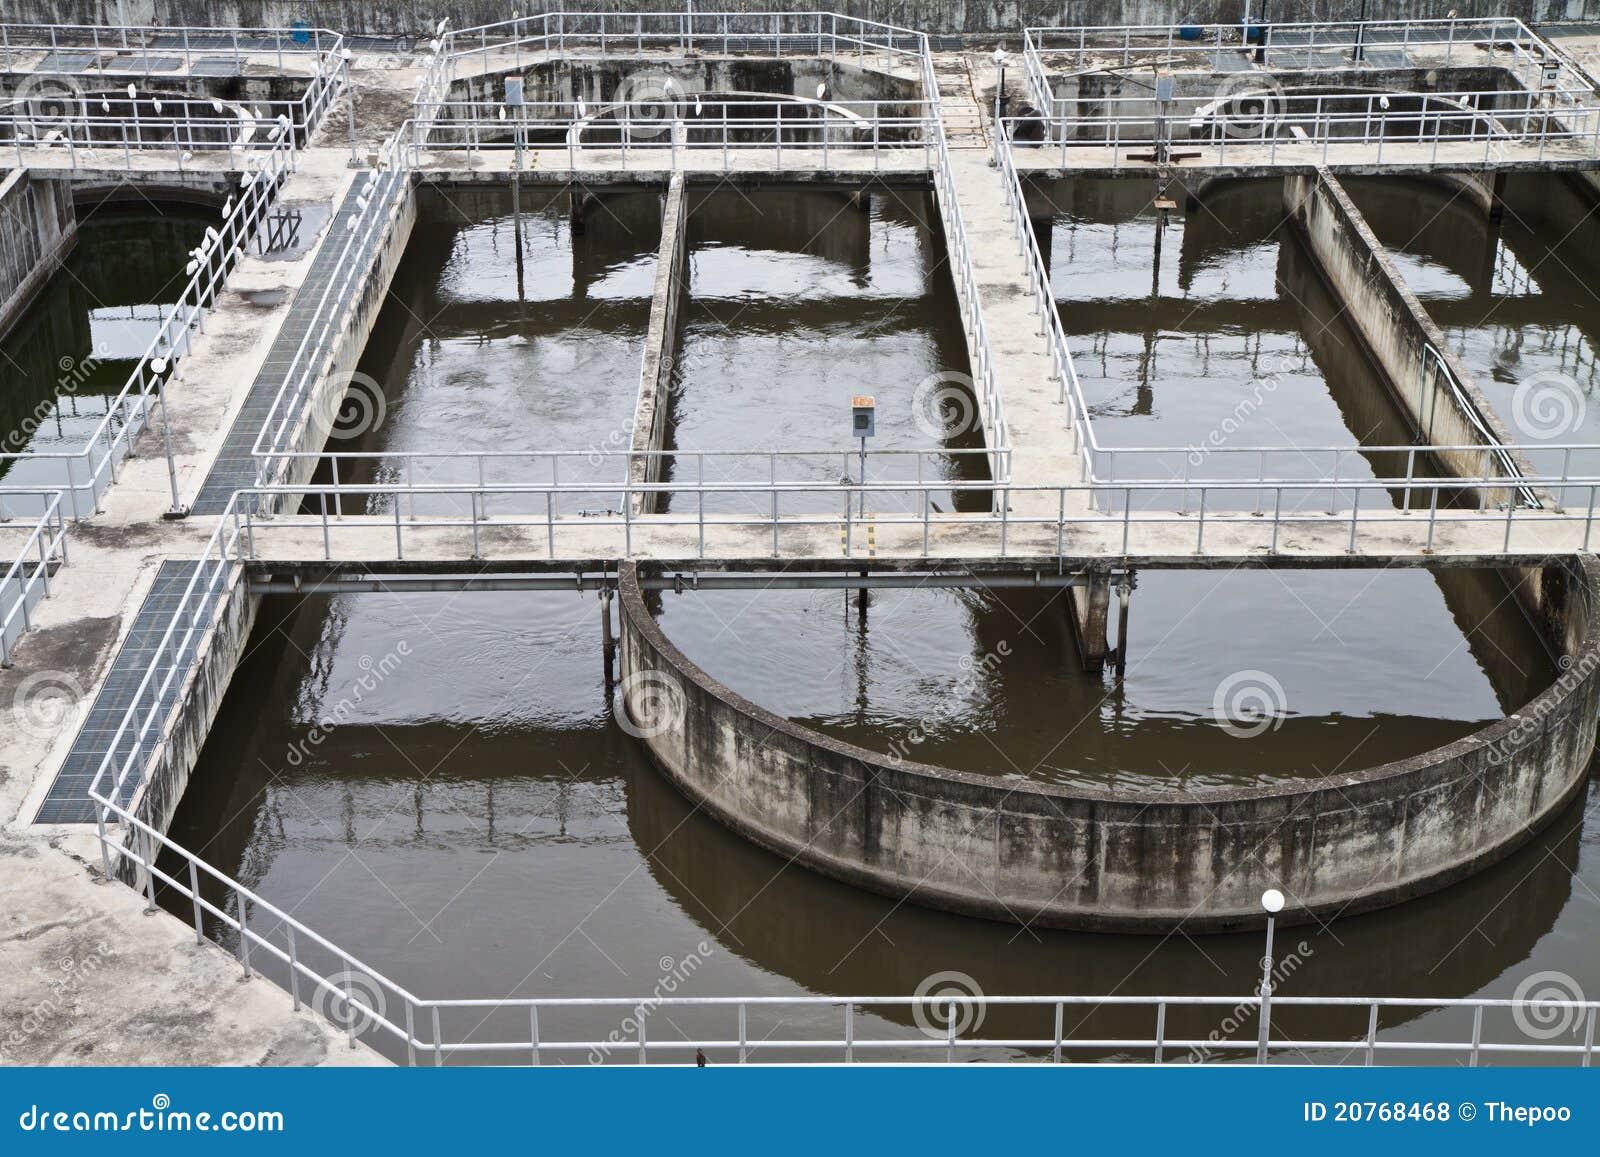 Depuradoras de aguas residuales fotos de archivo libres for Depuradora aguas residuales